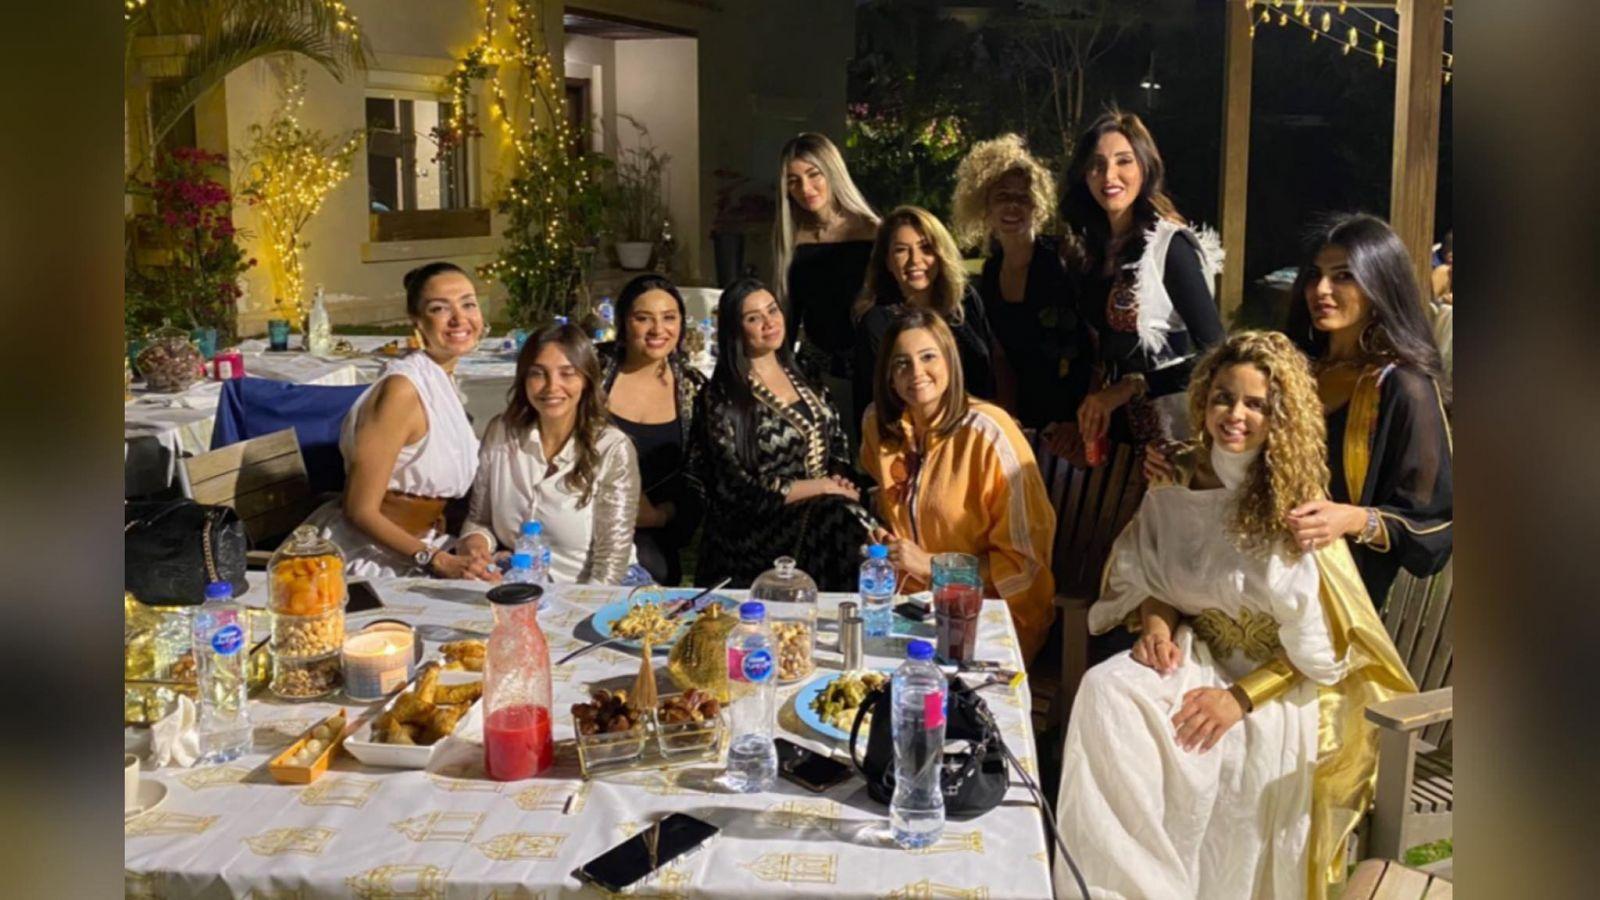 على فطار رمضان.. شيرين ممدوح تستضيف مجموعة من الفنانين في منزلها